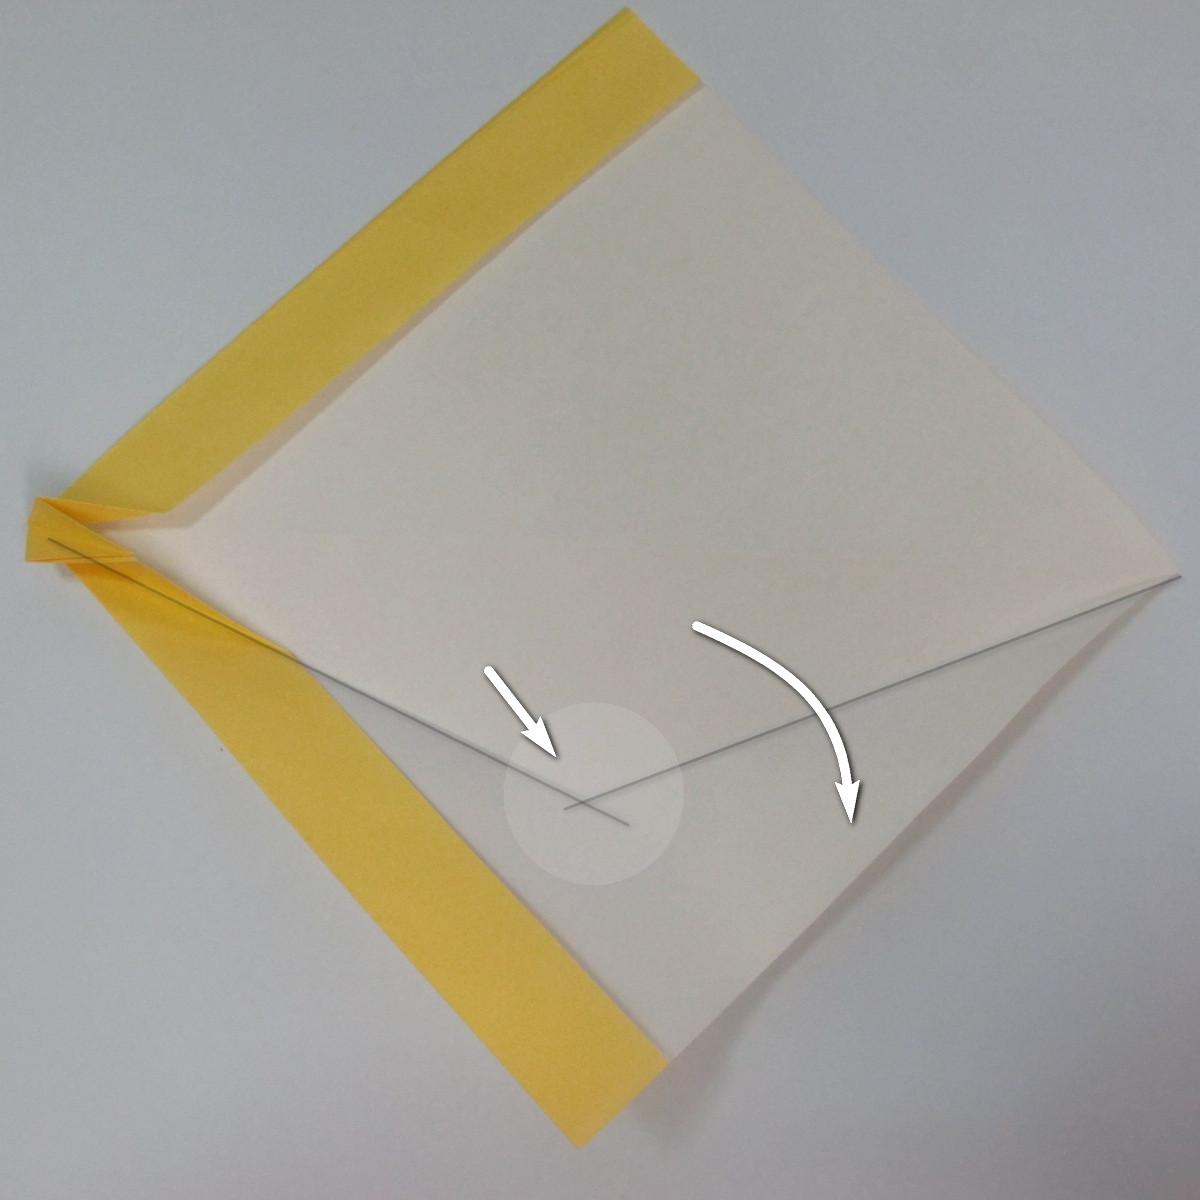 สอนวิธีพับกระดาษเป็นรูปลูกสุนัขยืนสองขา แบบของพอล ฟราสโก้ (Down Boy Dog Origami) 027